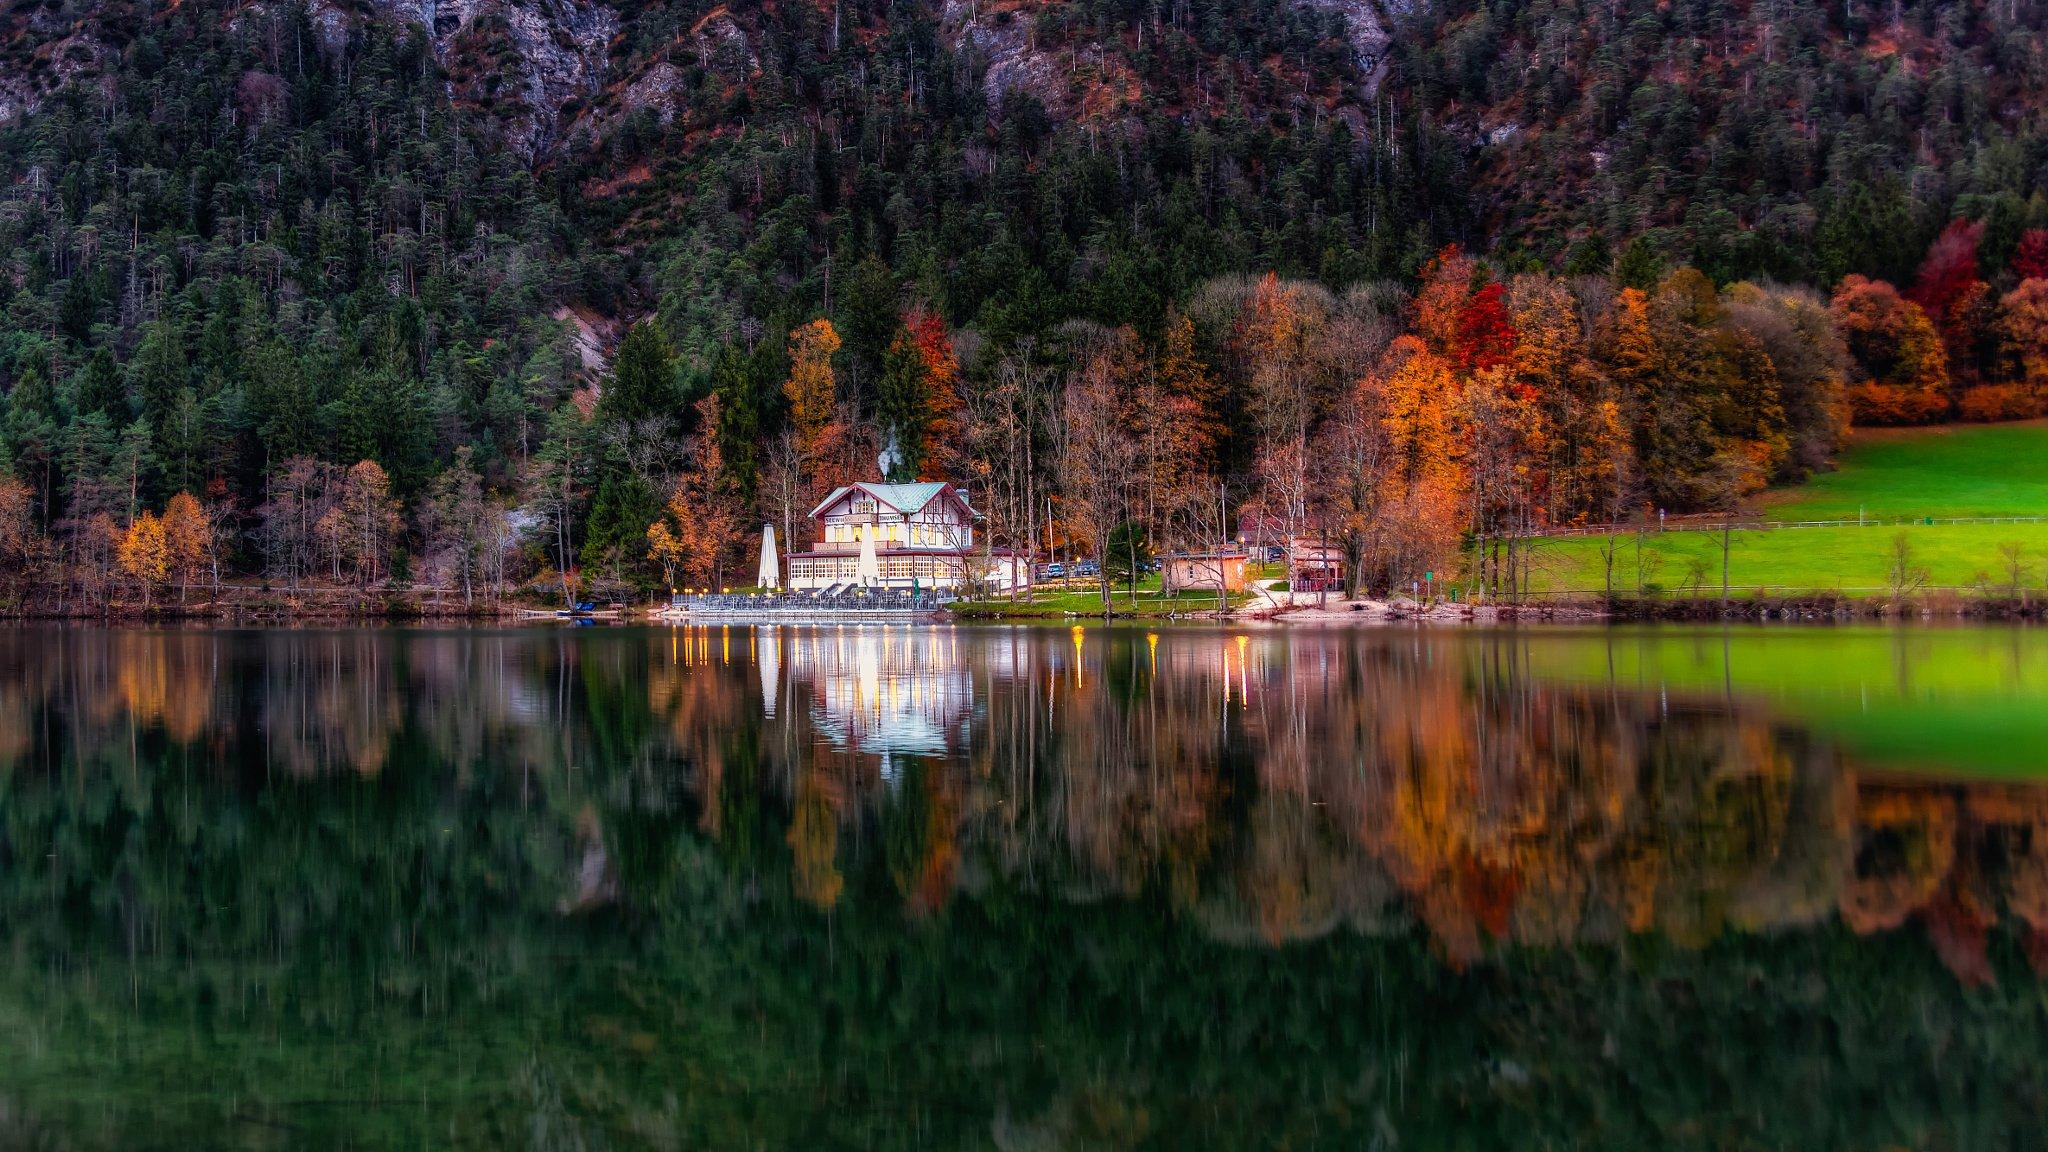 берег дома осень shore home autumn в хорошем качестве